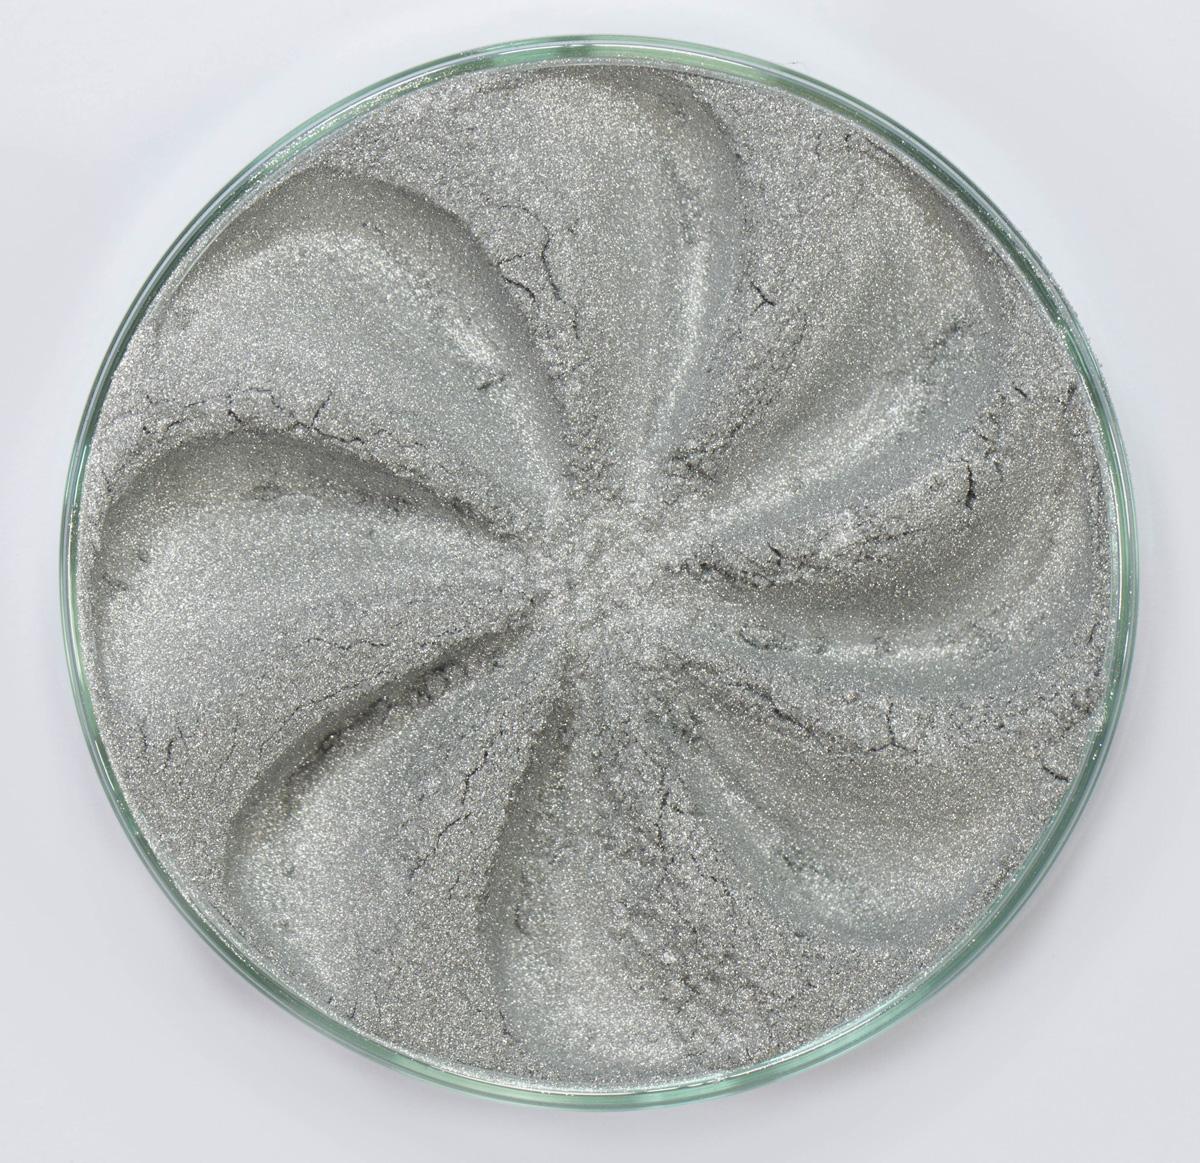 Era Minerals Минеральные Тени для век Frost тон F50 (искрящийся металлик), 4 млEYF50Тени для век Frost в своем покрытии и исполнении варьируются от мерцающих и морозных до ослепляющих словно блеск снежного кристалла. Яркие, уникальные и многоуровневые оттенки этой формулы с неотразимым эффектом прерывистого света подчеркнут красоту любых глаз.Сильные и яркие минеральные пигментыМожно наносить как влажным, так и сухим способомБез отдушек и содержания масел, для всех типов кожиДерматологически протестировано, не аллергенноНе тестировано на животныхВес нетто 1г (стандартный размер)